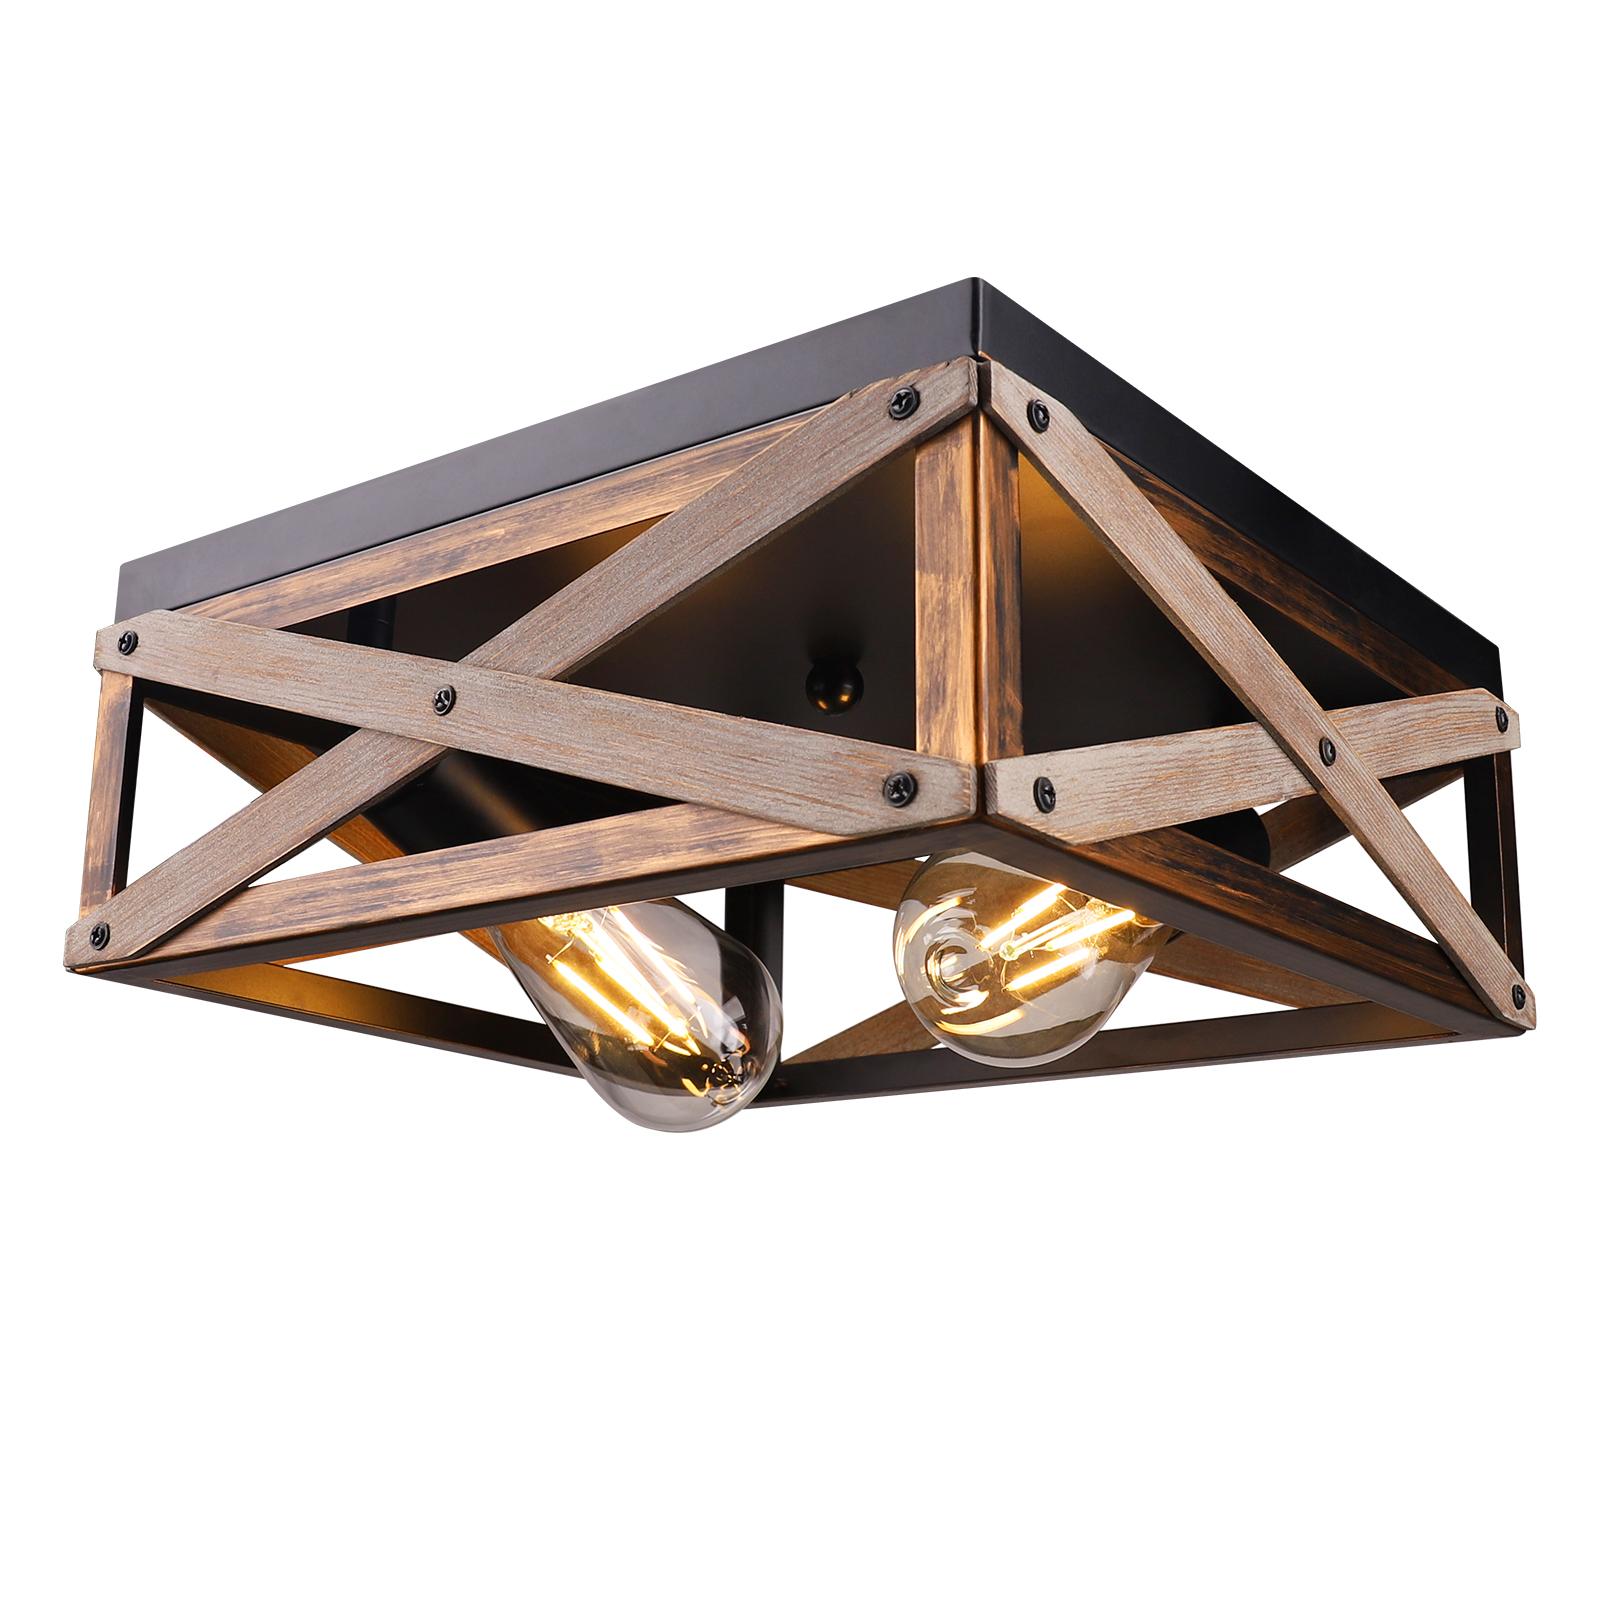 Plafonnier encastré rustique, Luminaires de ferme Plafond à deux lumières en métal et bois massif Plafonniers industriels carrés pour entrée de cuisine